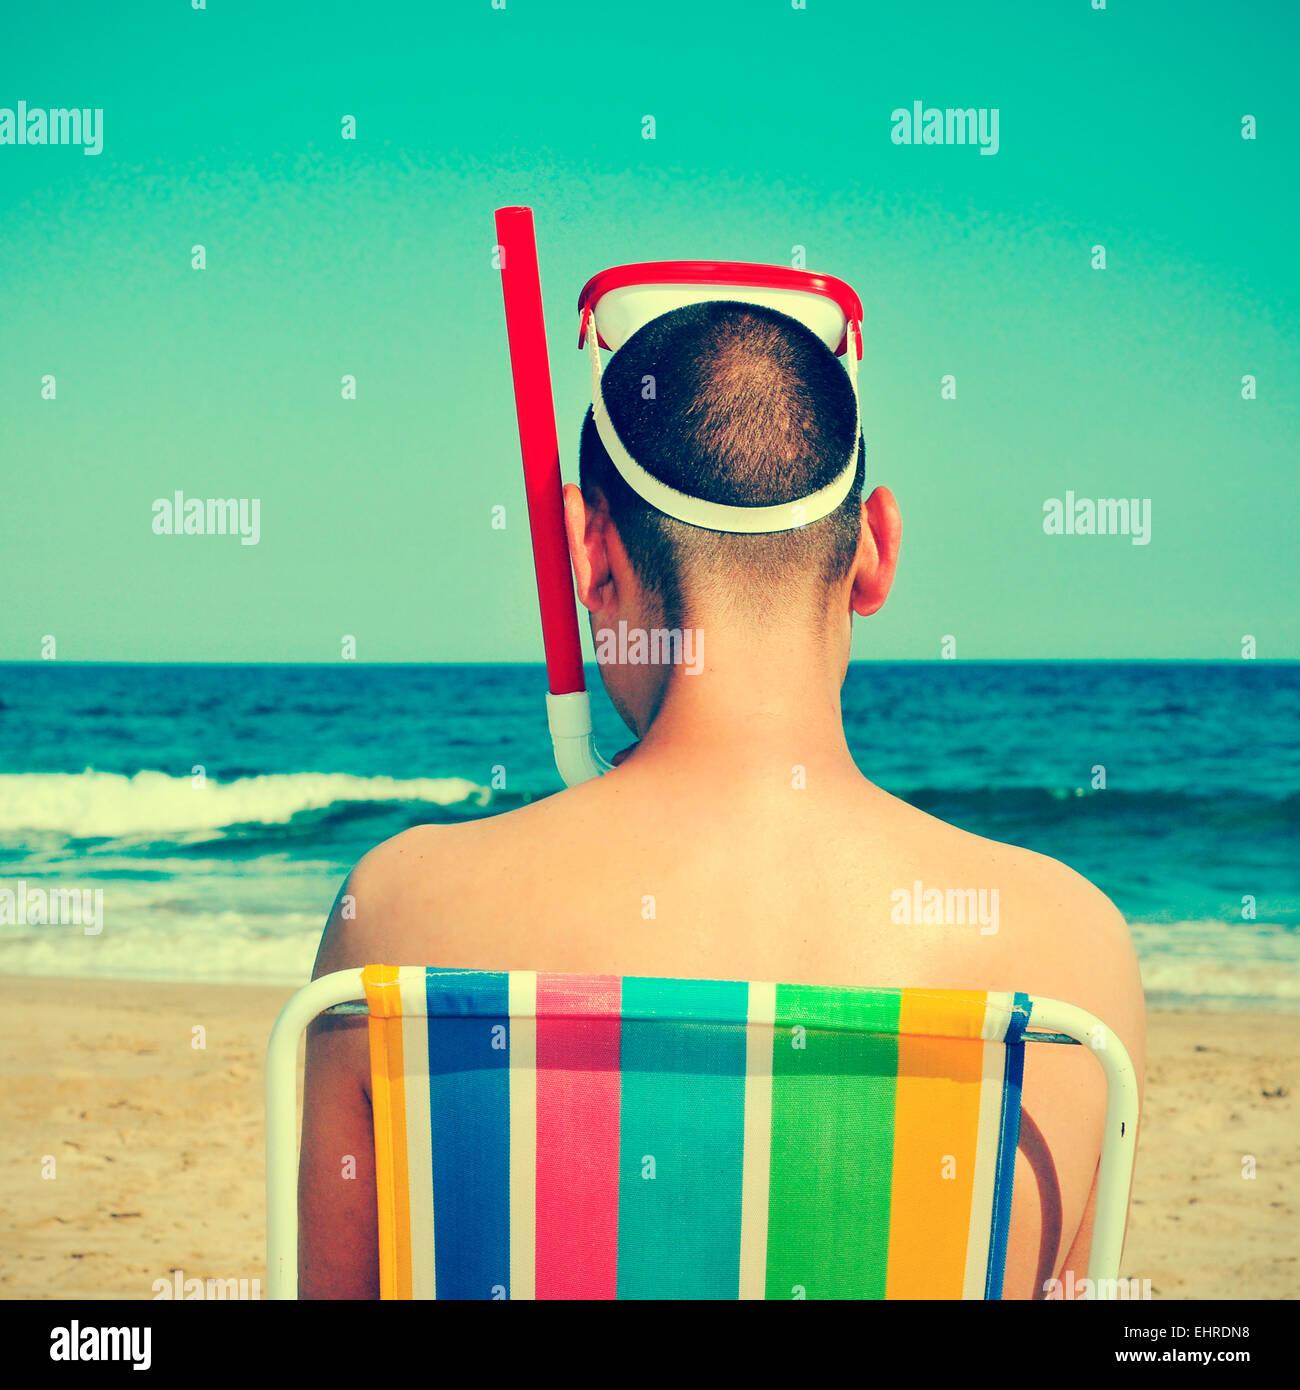 Foto dal retro di un uomo che indossa una maschera subacquea e un boccaglio seduto in una sedia a sdraio sulla spiaggia, Immagini Stock